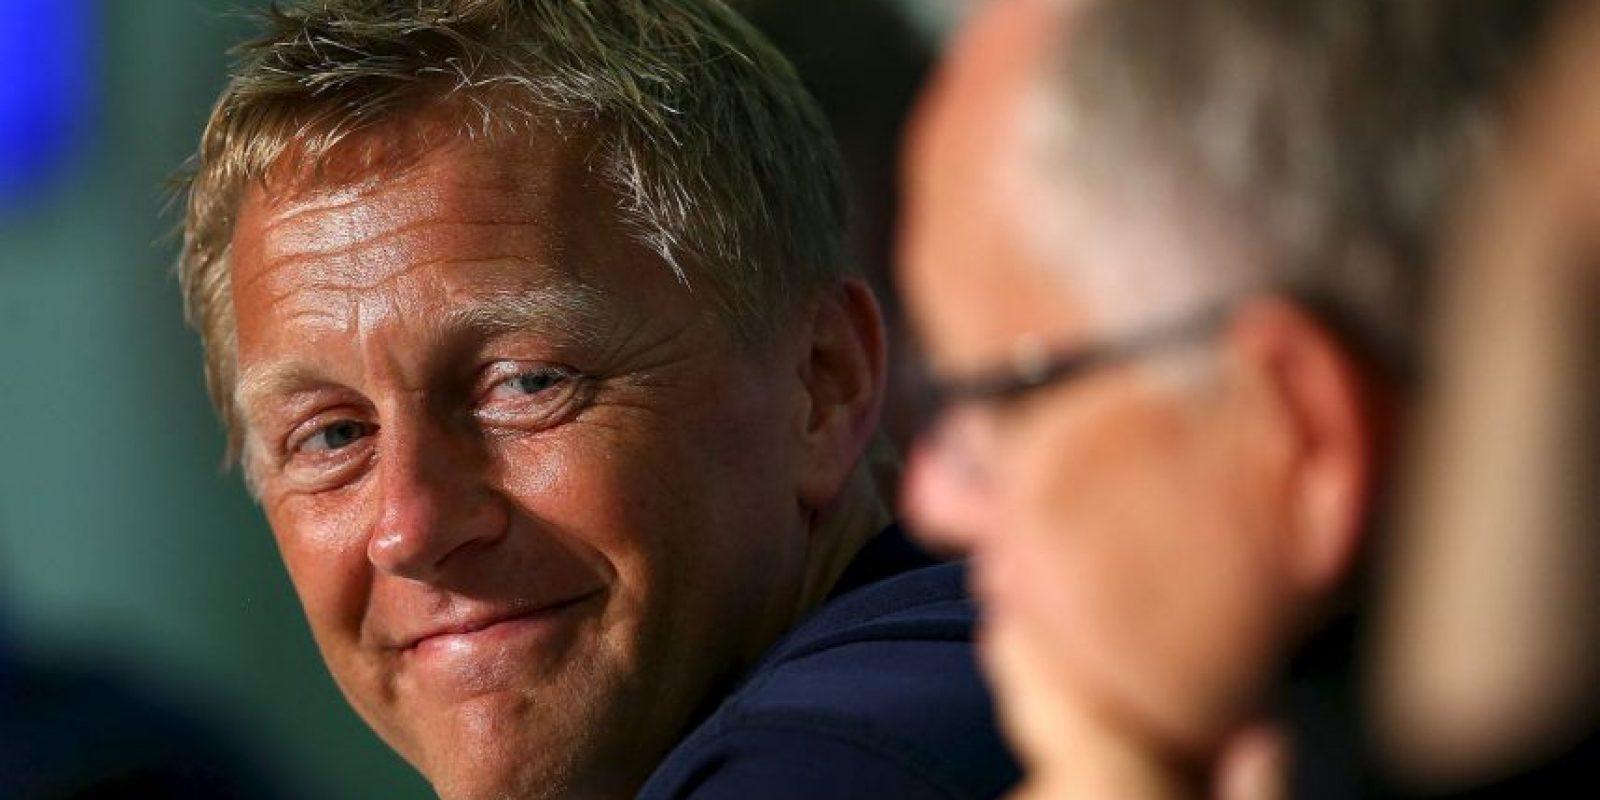 El técnico sueco es acompañado por el local Heimir Hallgrímson, quien entrena a medio tiempo y el resto del día es dentista Foto:Getty Images